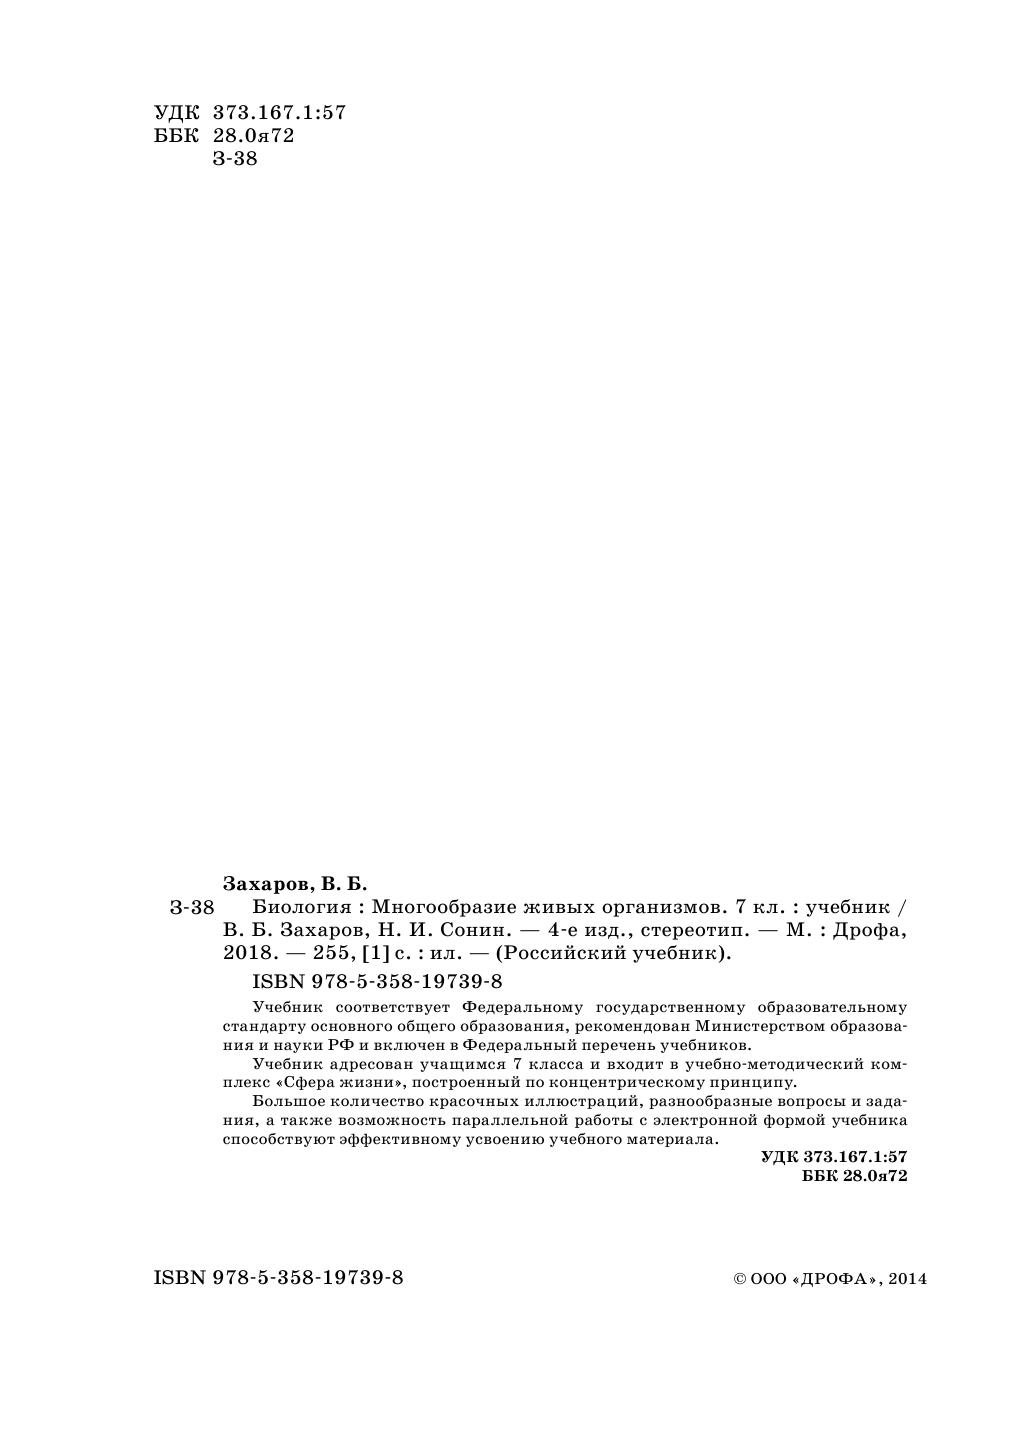 Рабочая тетрадь к учебнику в.б.захарову н.и.сонина по биологии ответы